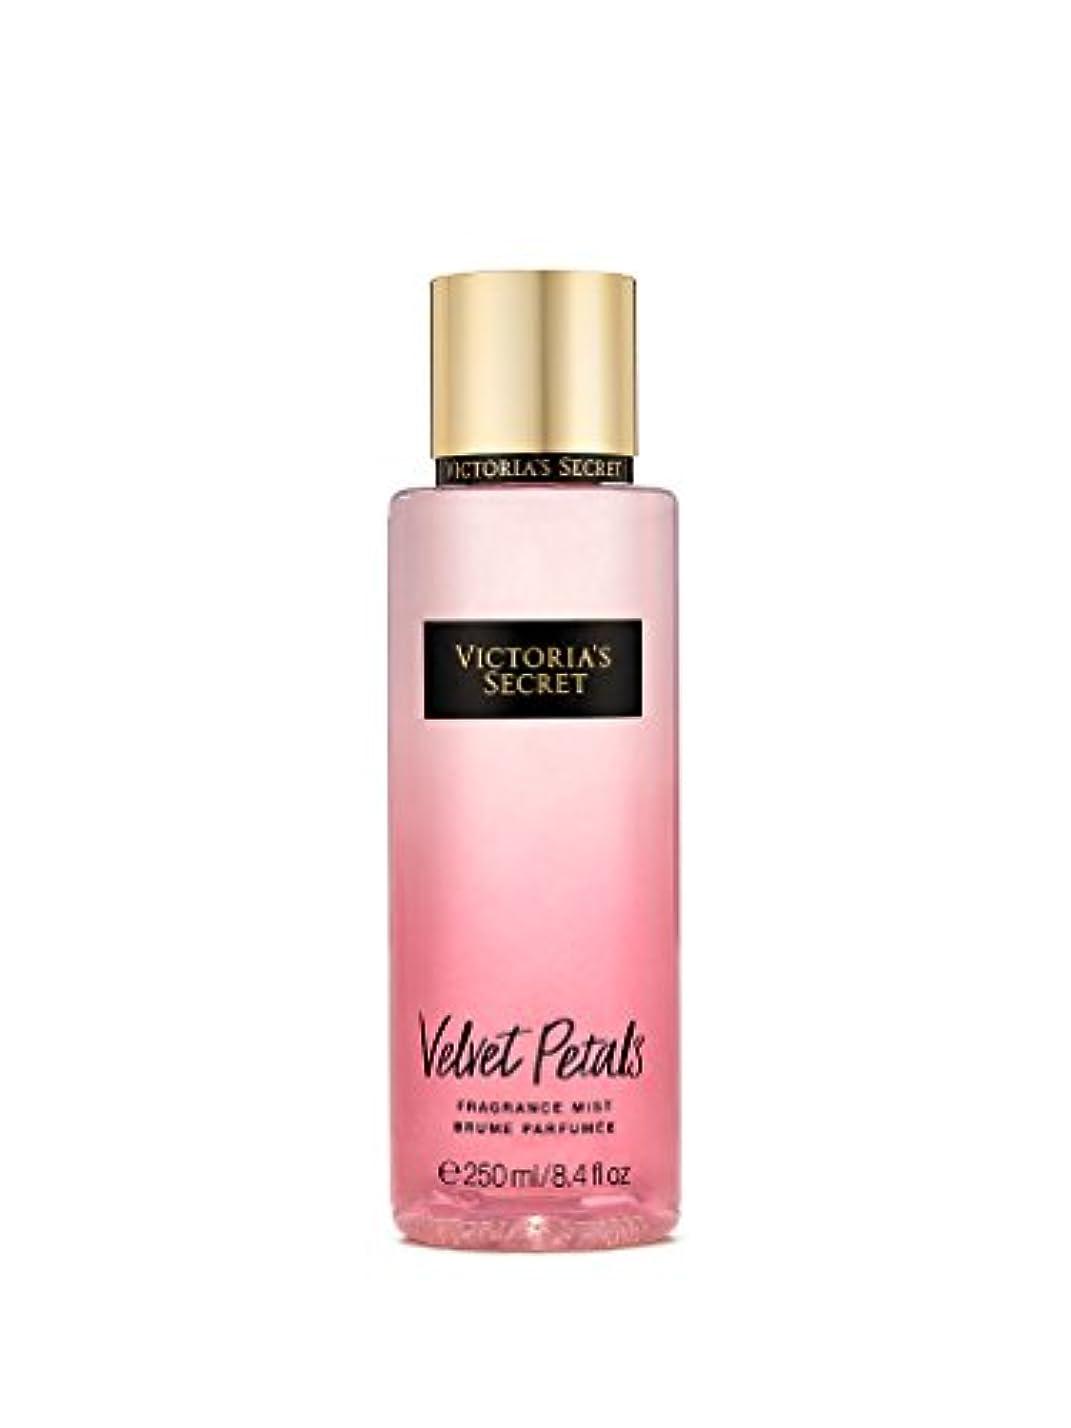 バストメタリックドロー【並行輸入品】Victoria's Secret Velvet Petals Fragrance Mist ヴィクトリアズシークレットベルベットぺタルズミスト250 ml